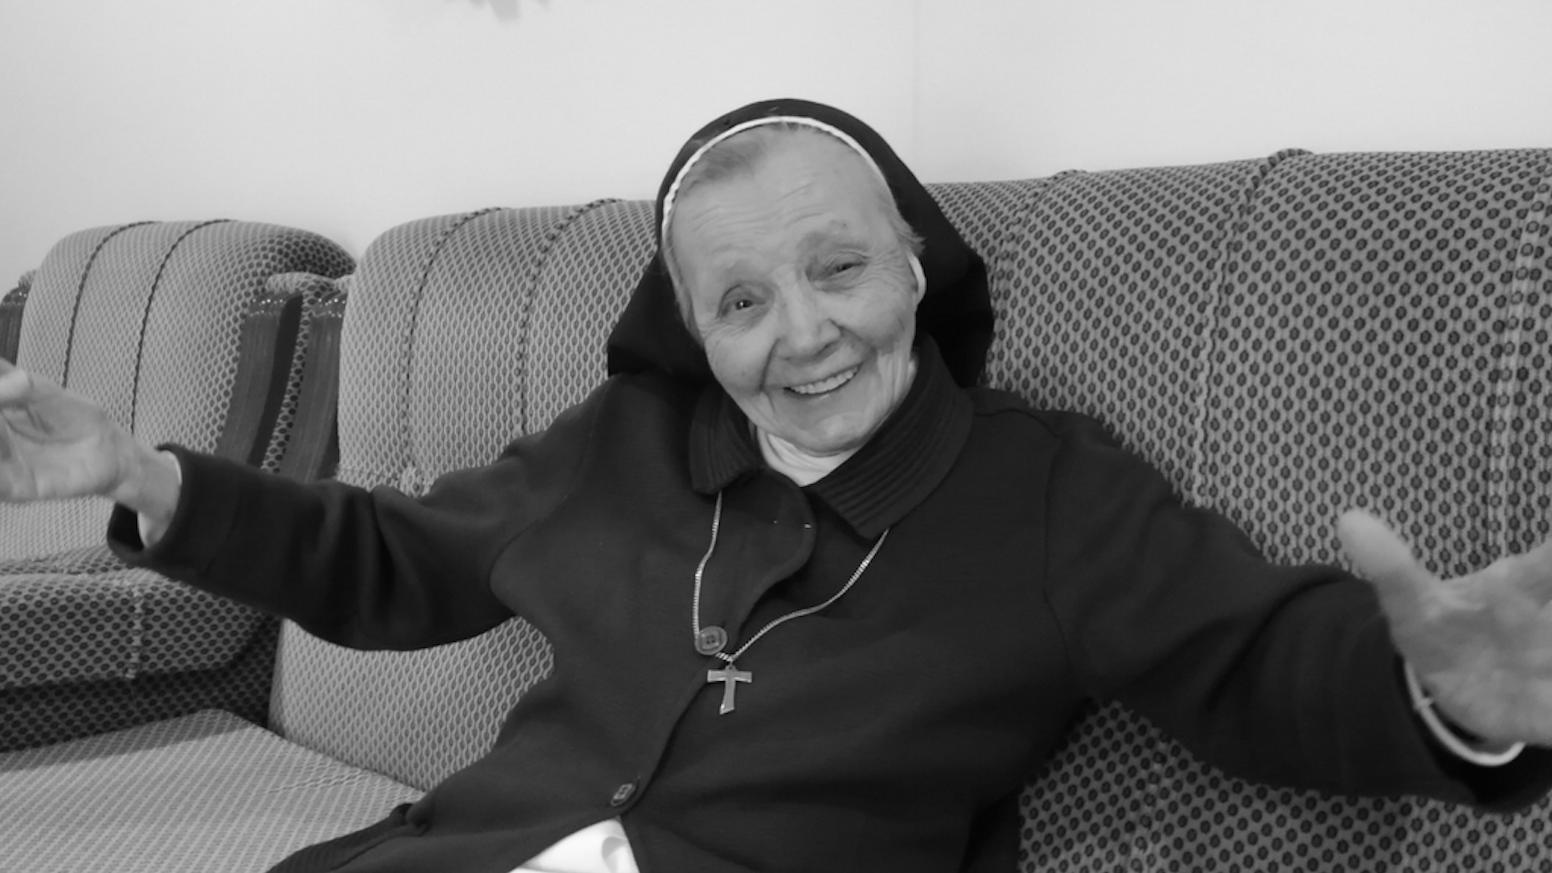 Sencilla, pícara y sabia. Este libro narra vida y esencia de la Hermana Agustina. Historias que inspiran una actitud. Descubrámoslas.